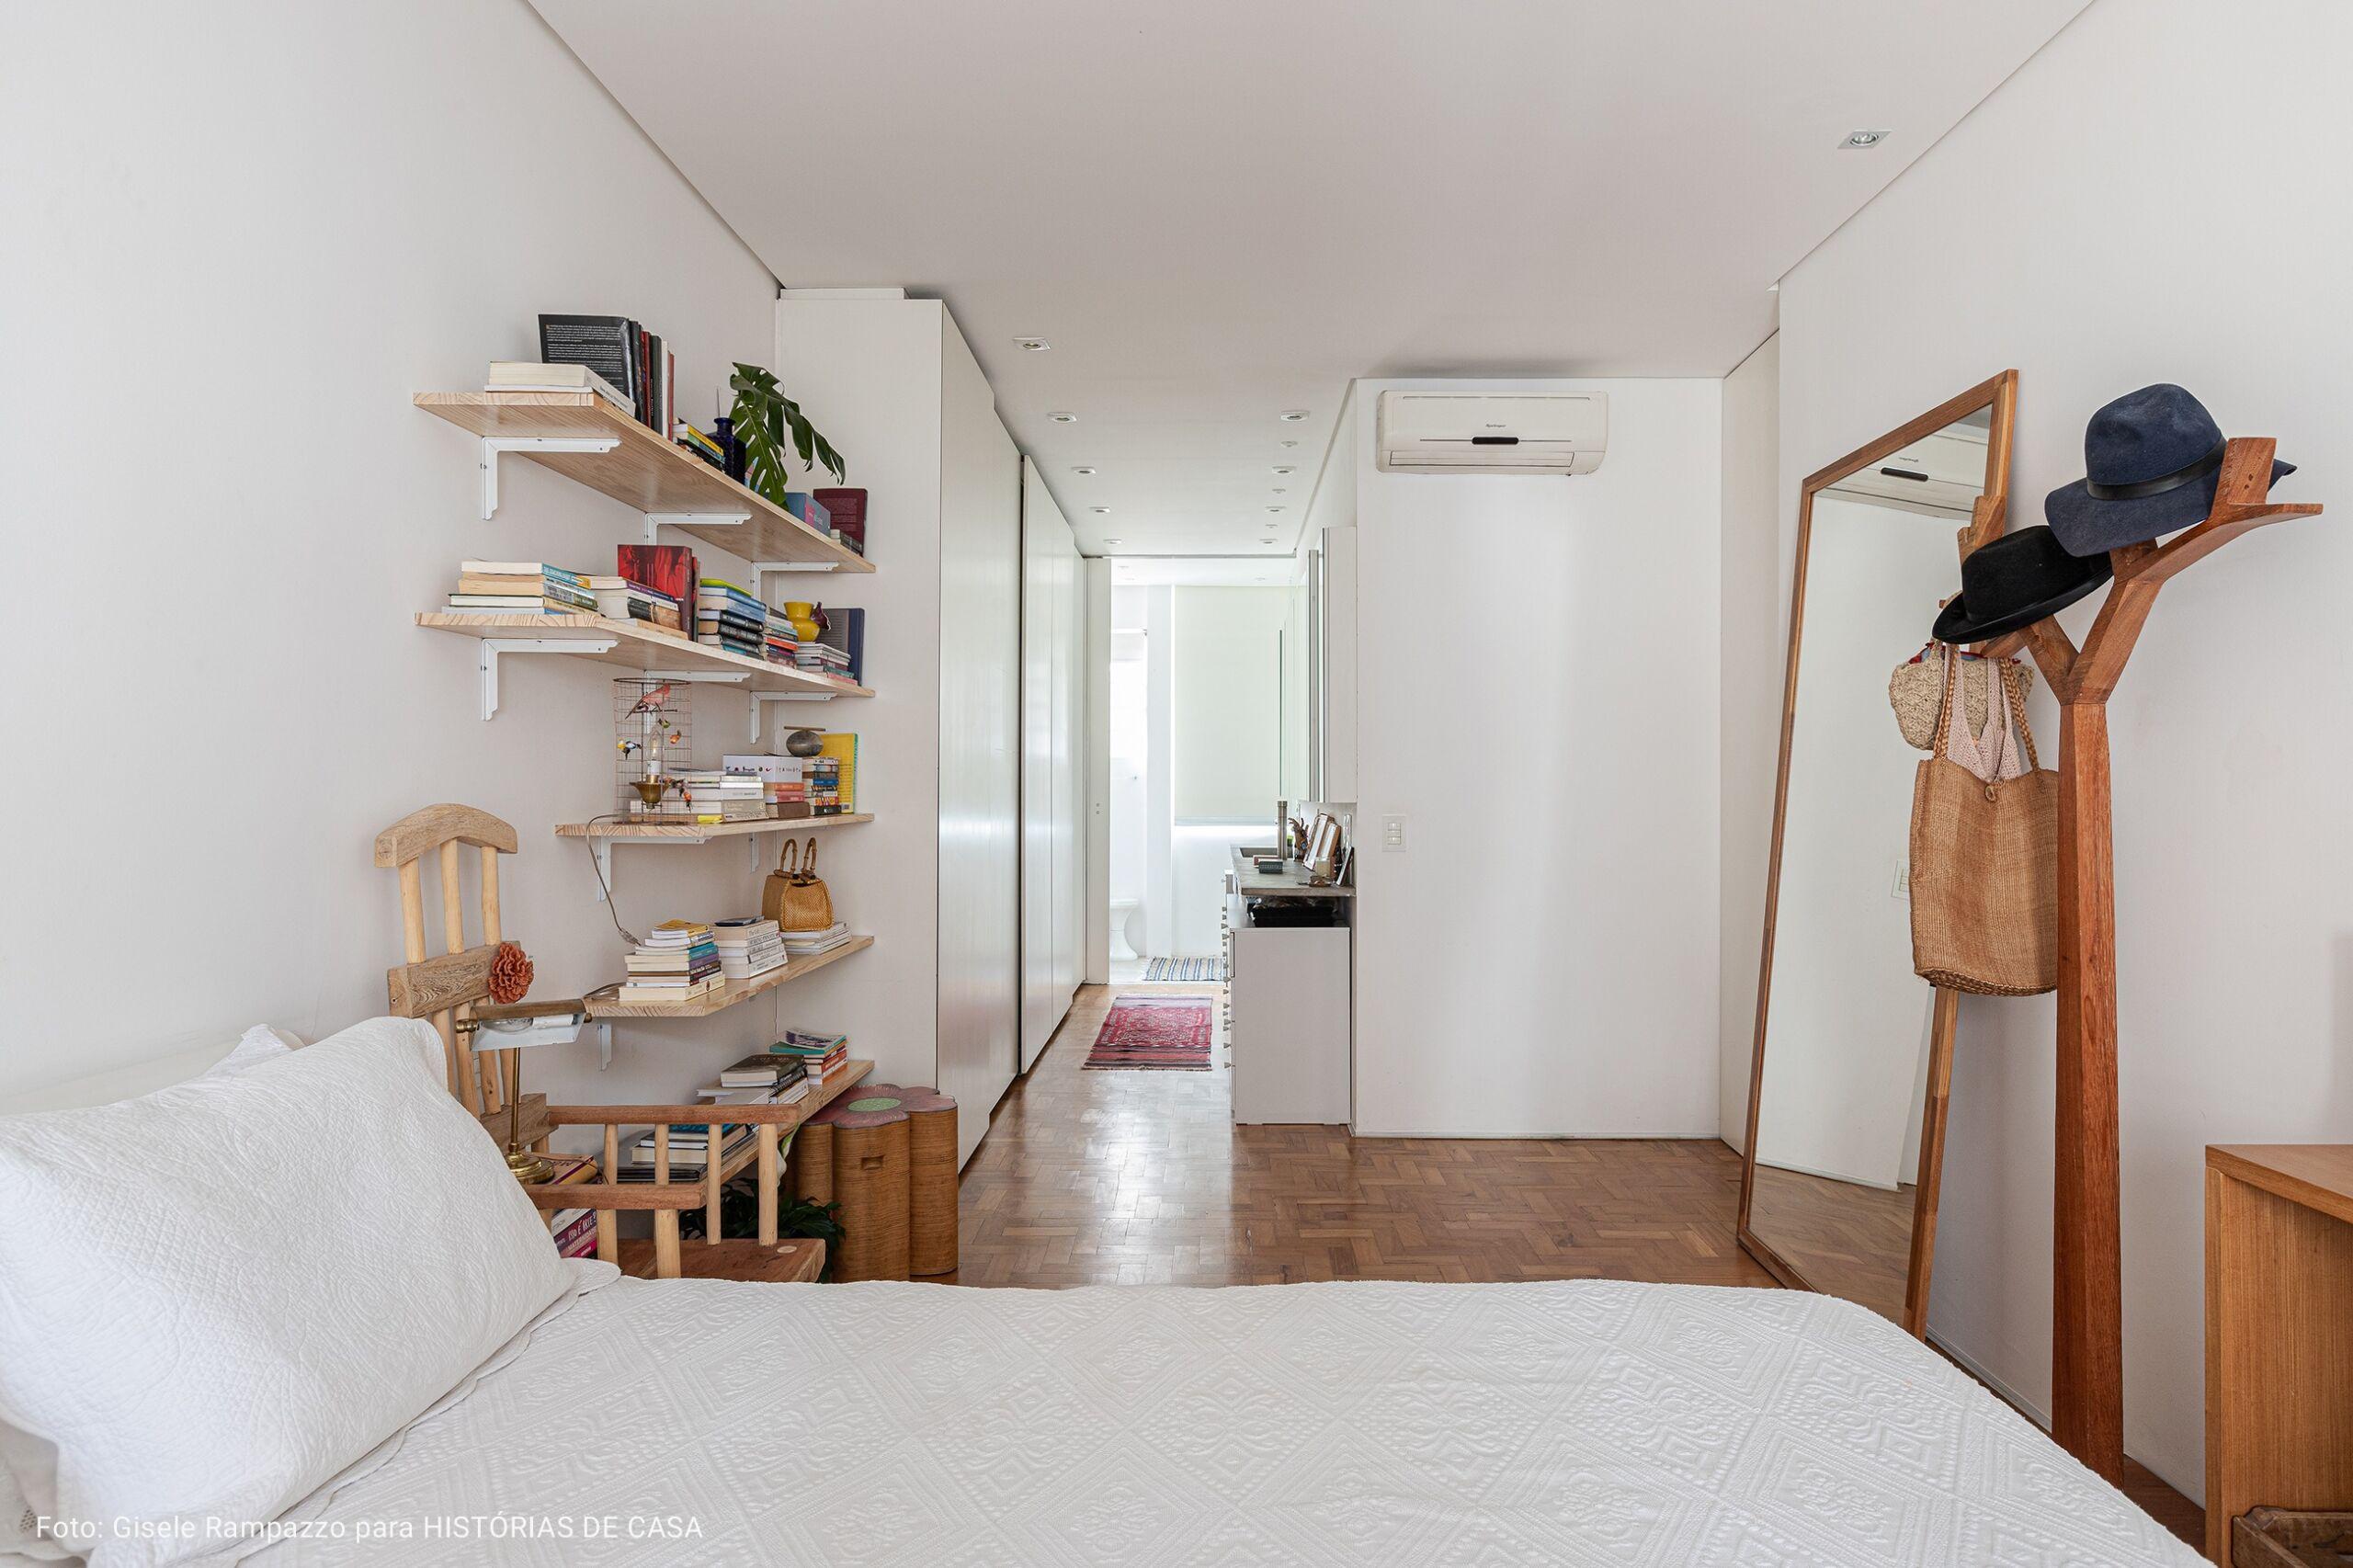 quarto com corredor para o banheiro